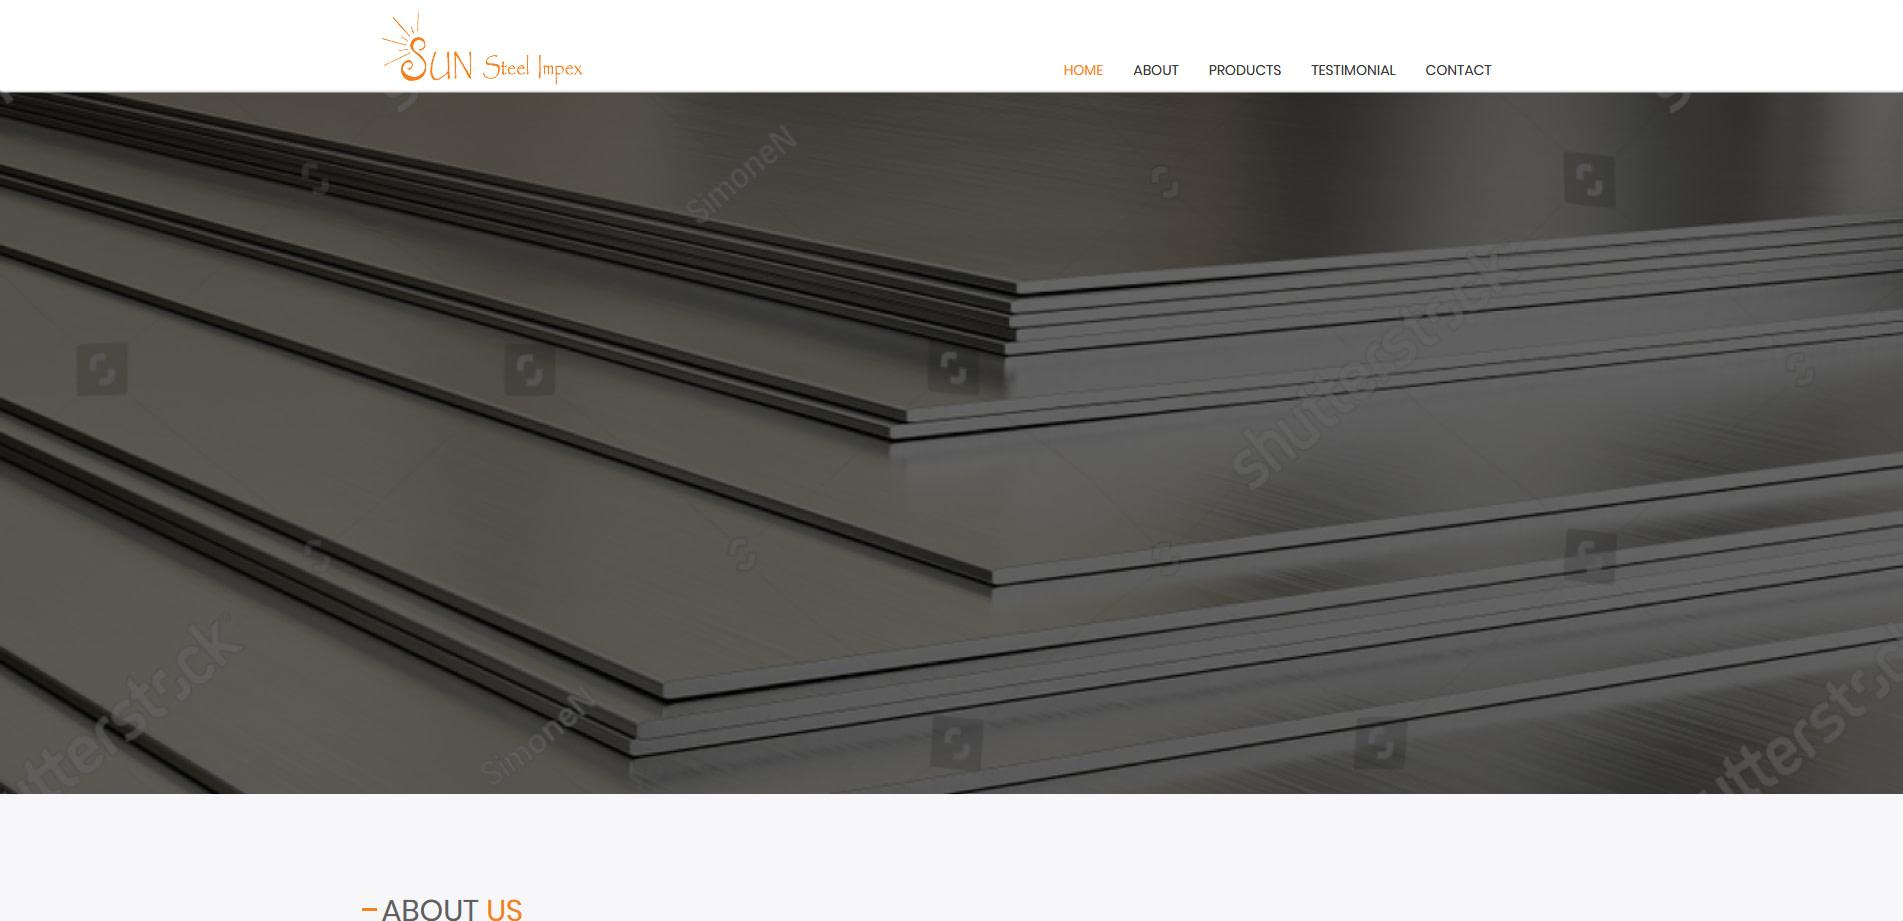 Sun Steel Impex